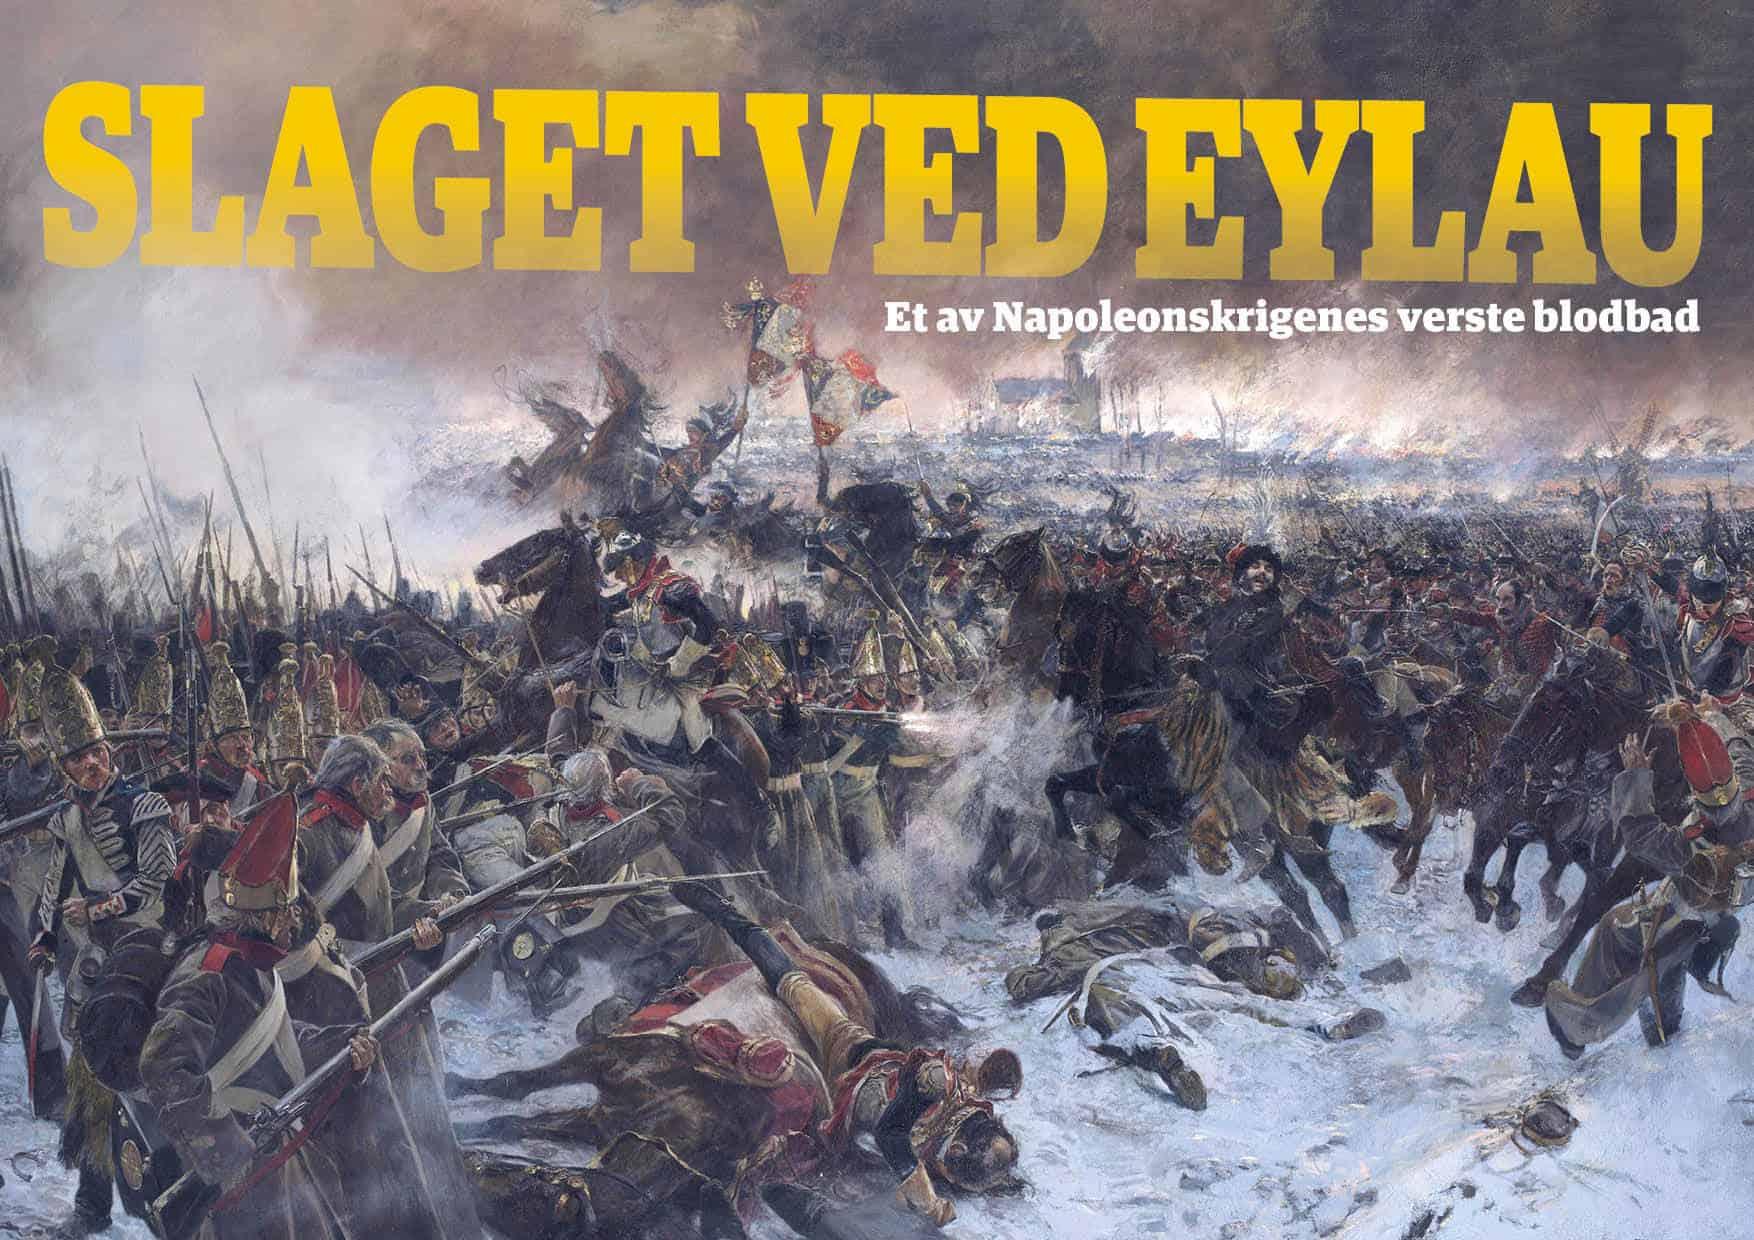 Slaget ved Eylau